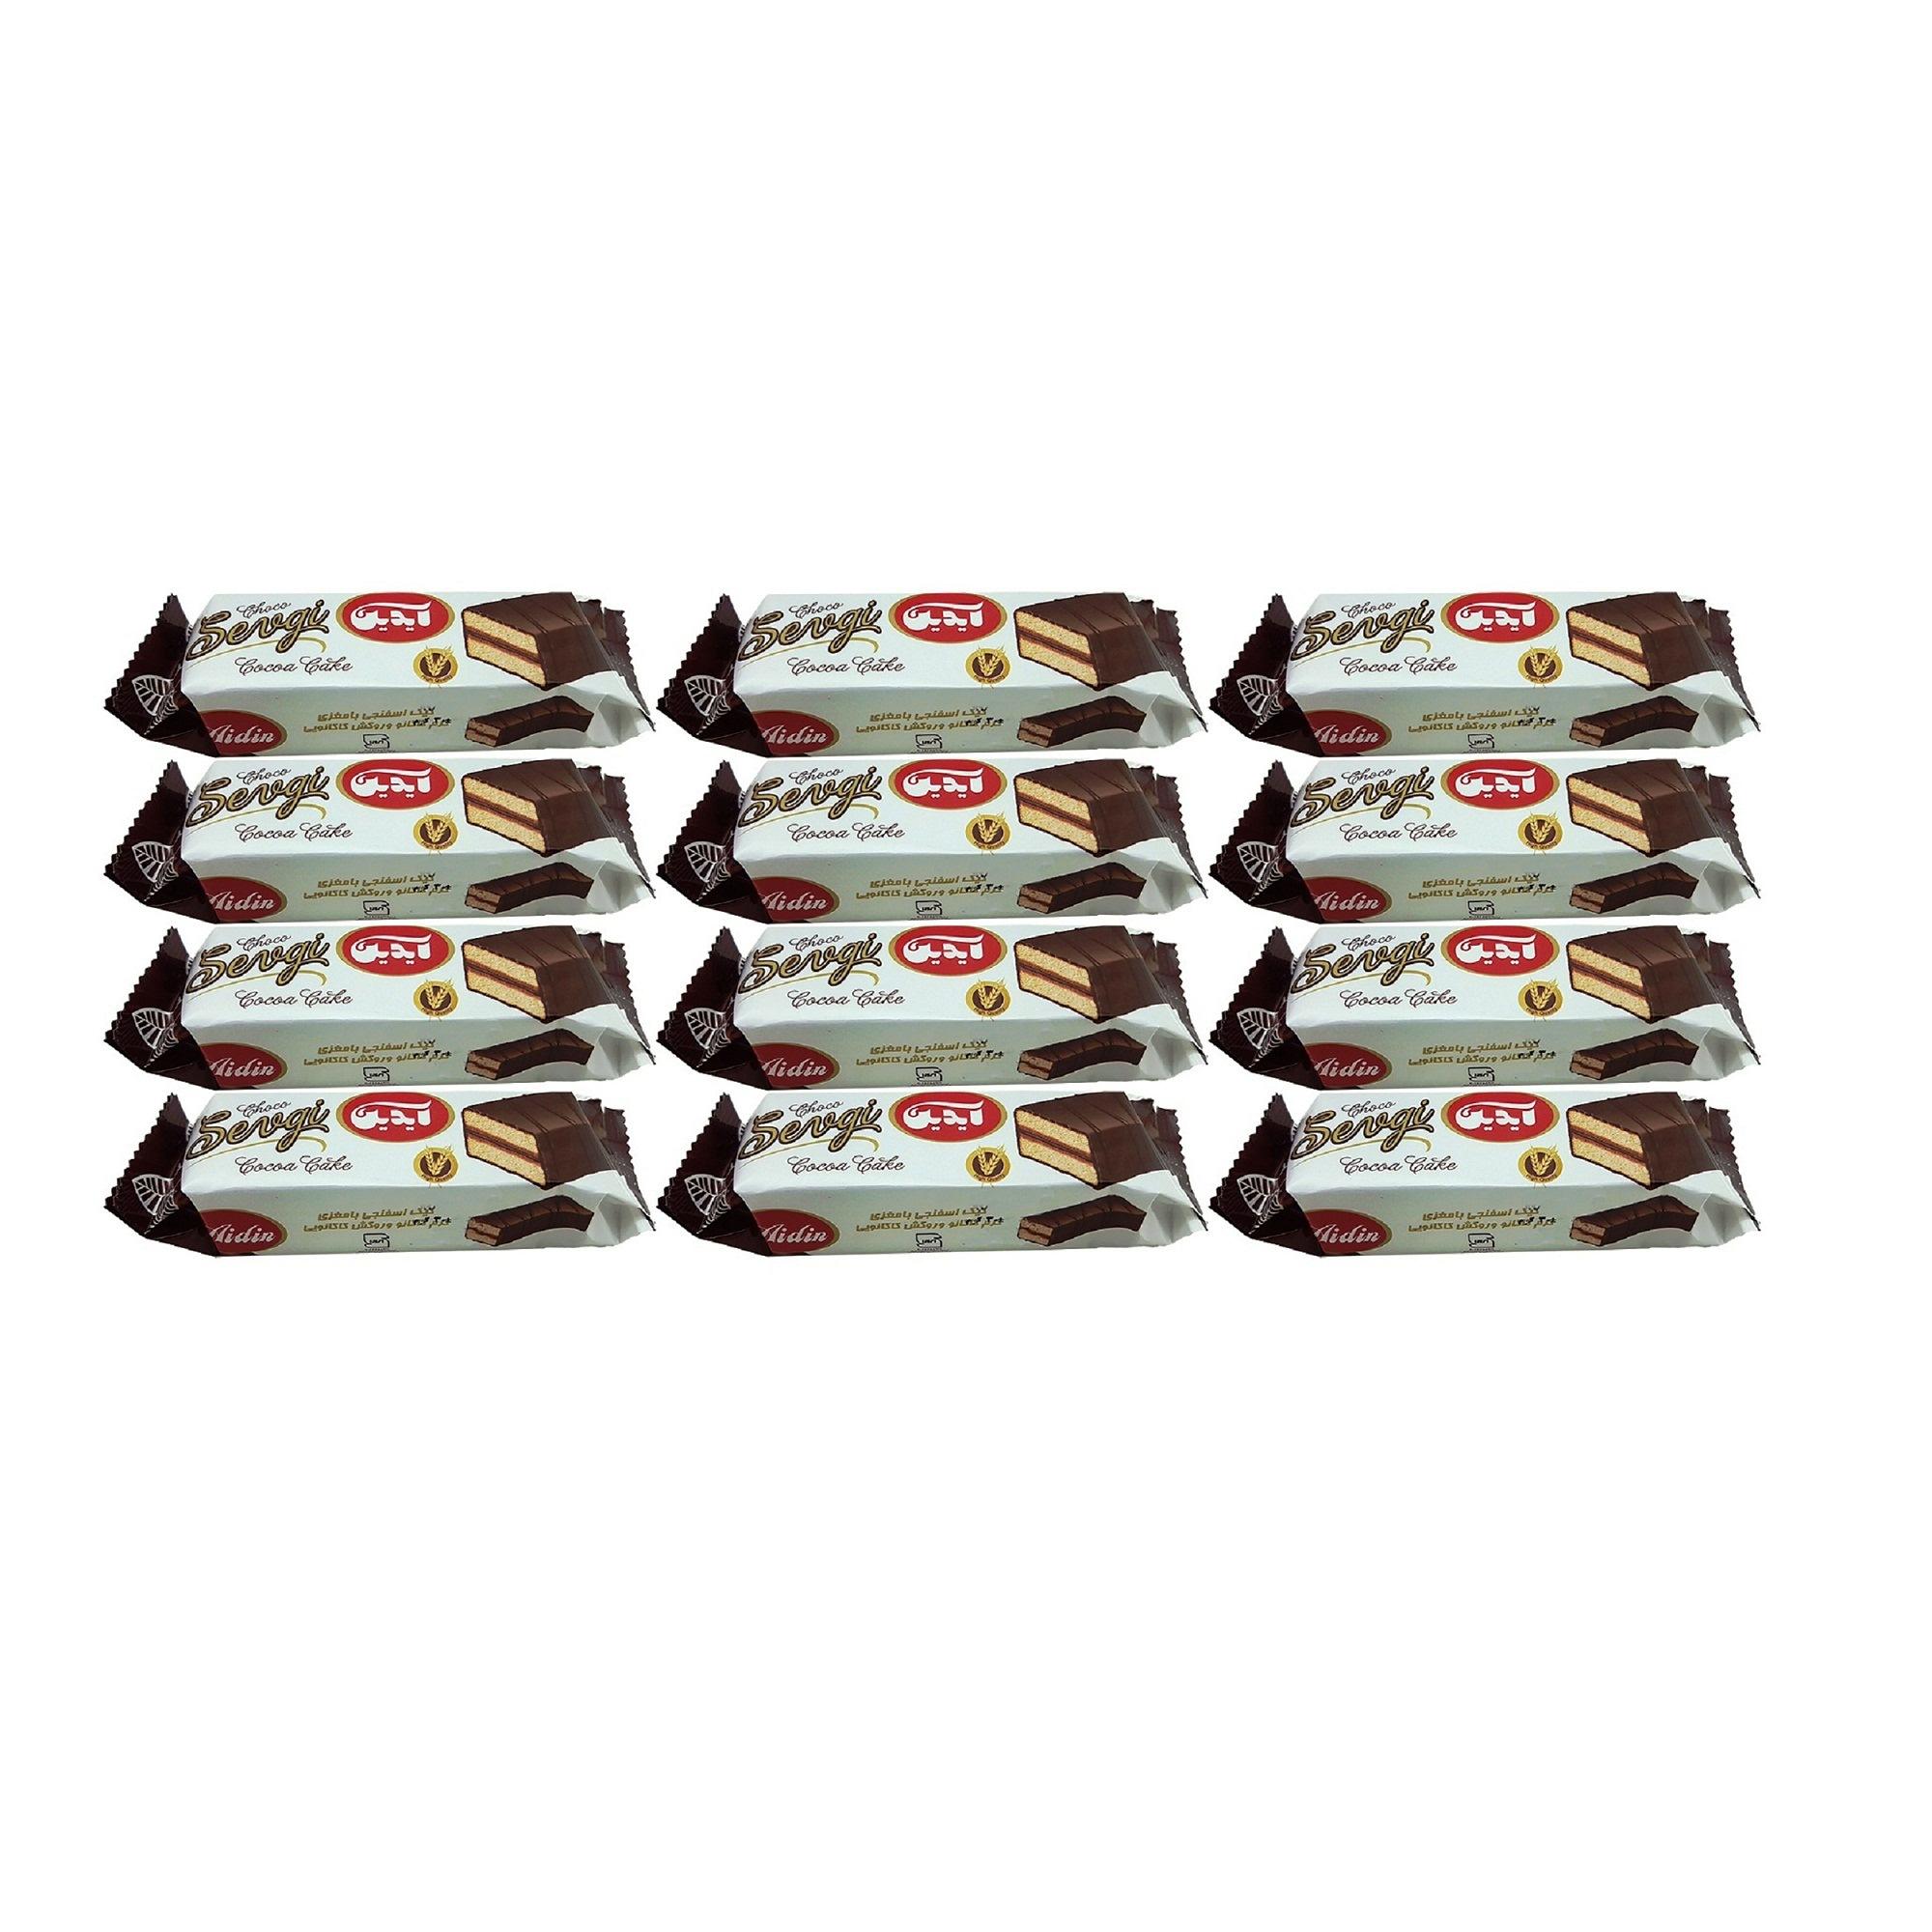 کیک اسفنجی با مغزی کرم کاکائو و روکش کاکائویی آیدین - 30 گرم بسته 12 عددی  thumb 2